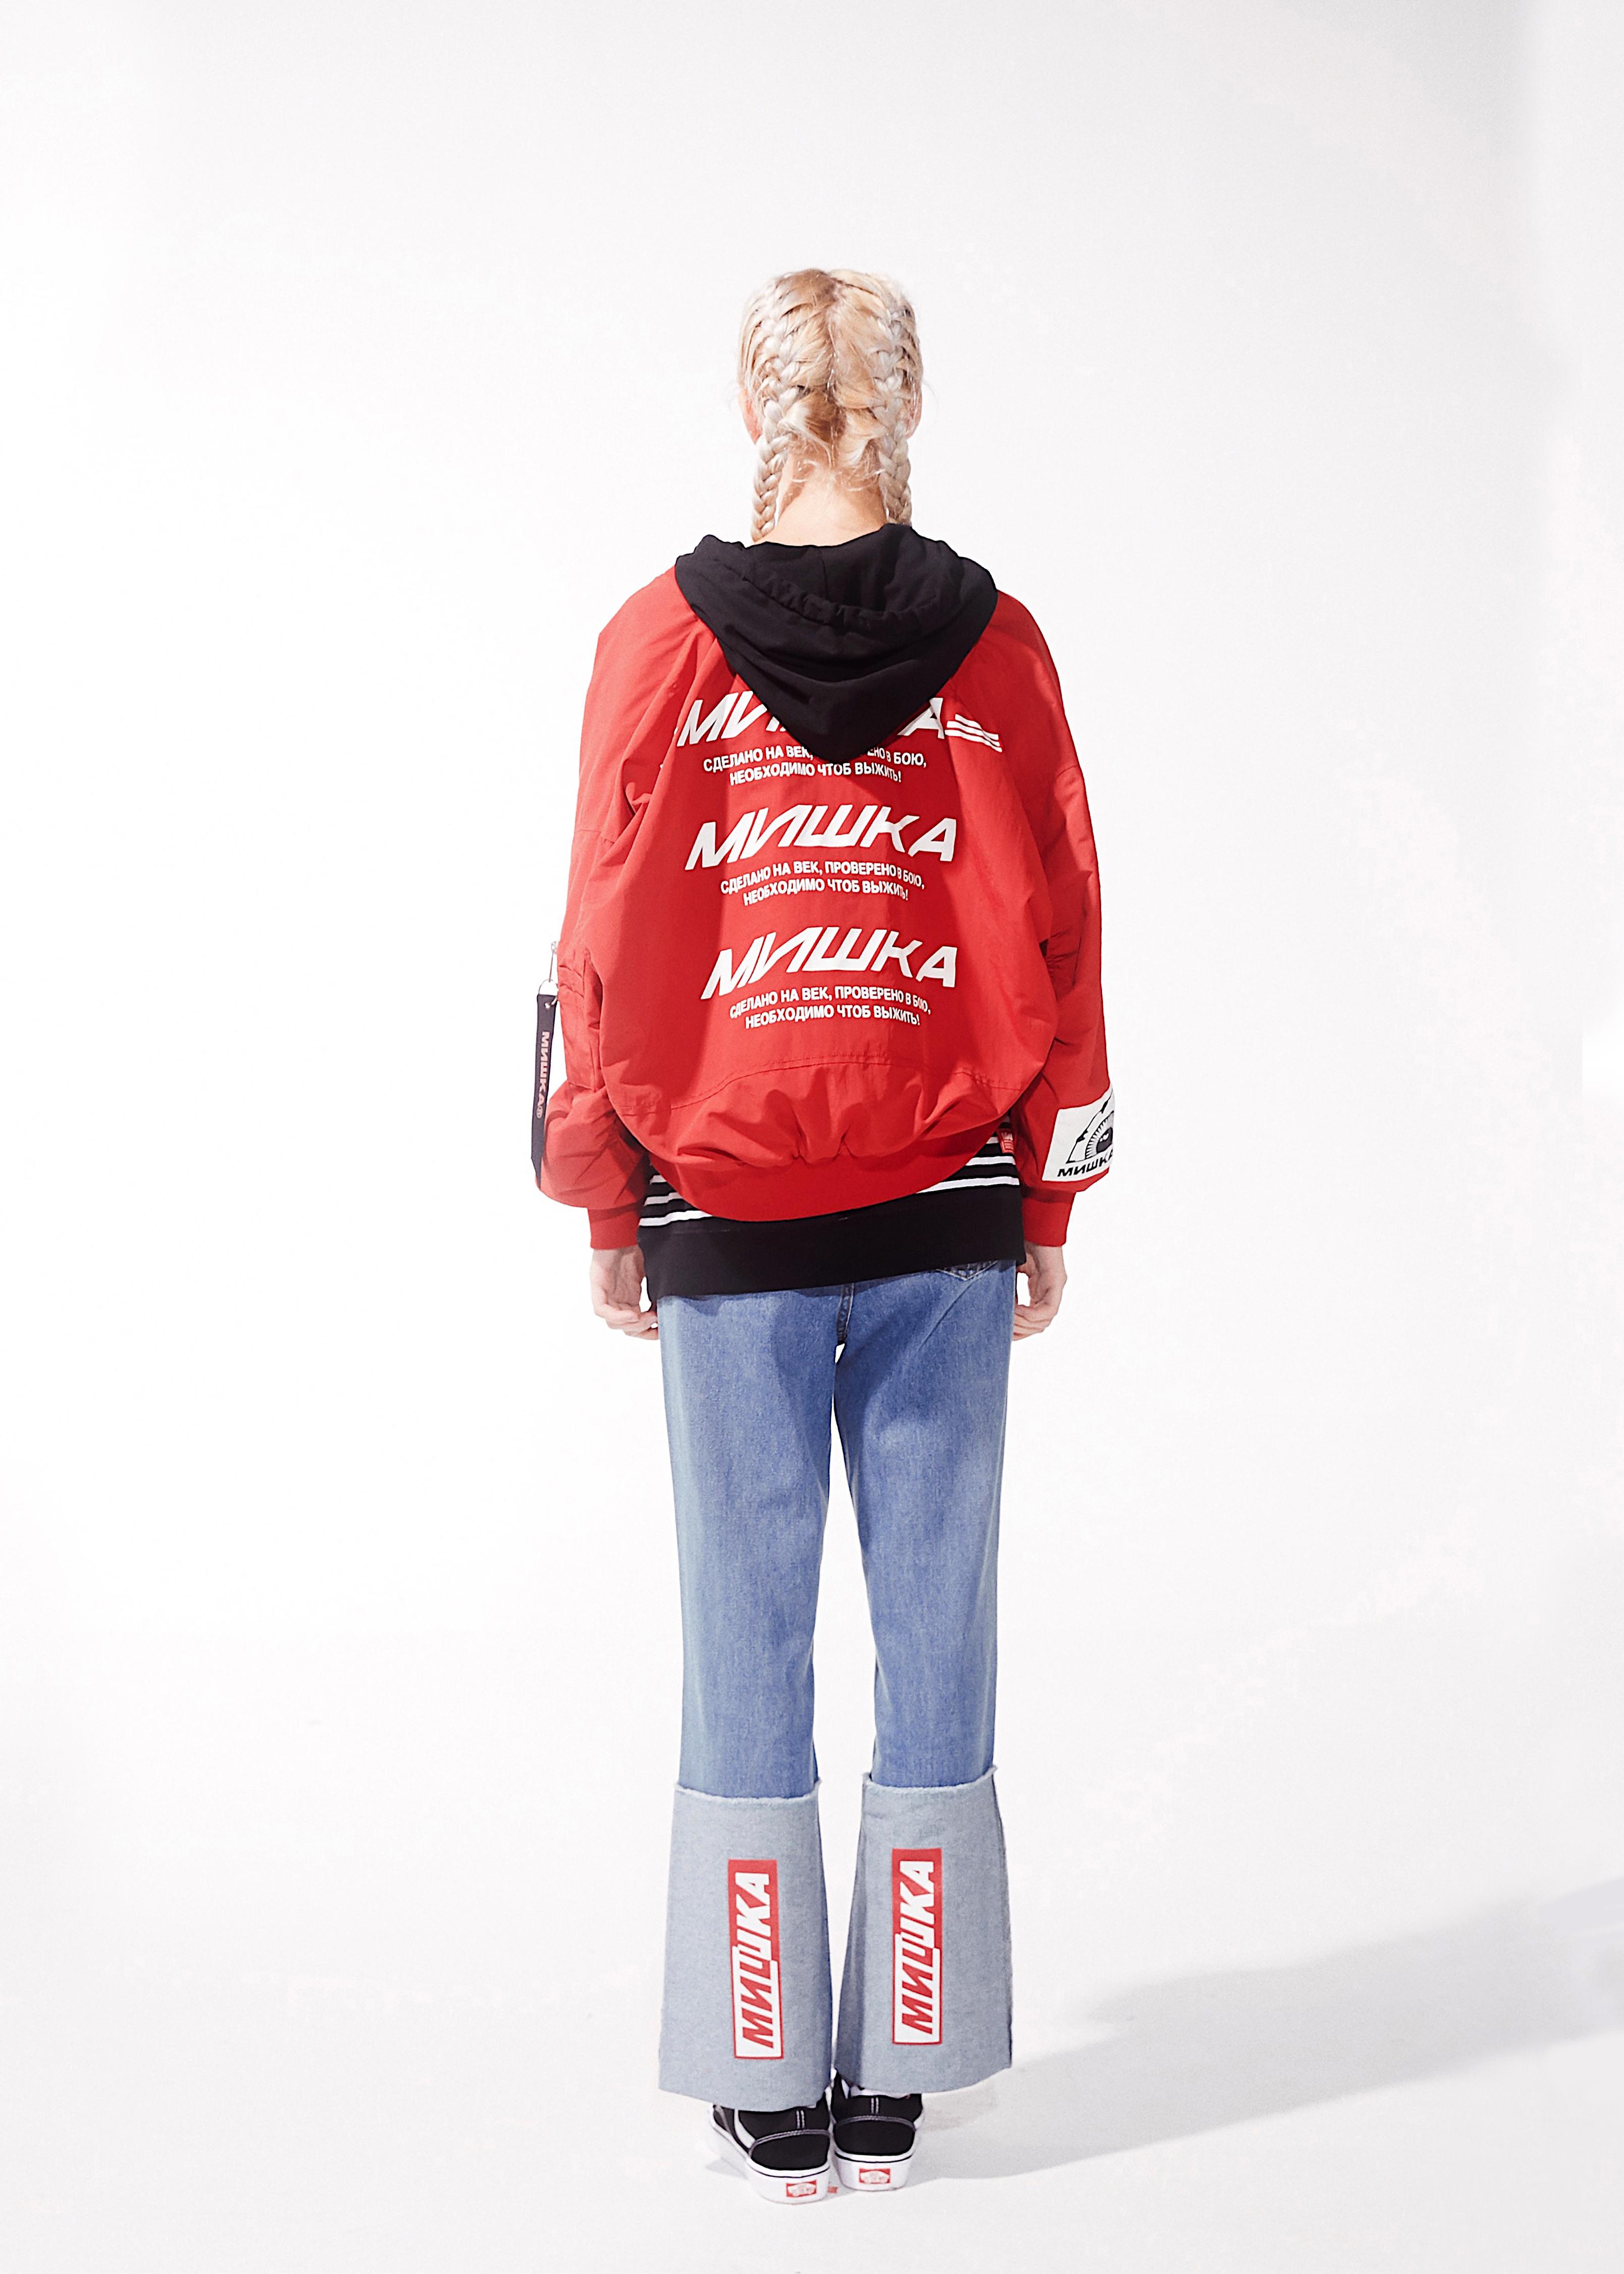 Express Cyrillic Women's Jacket